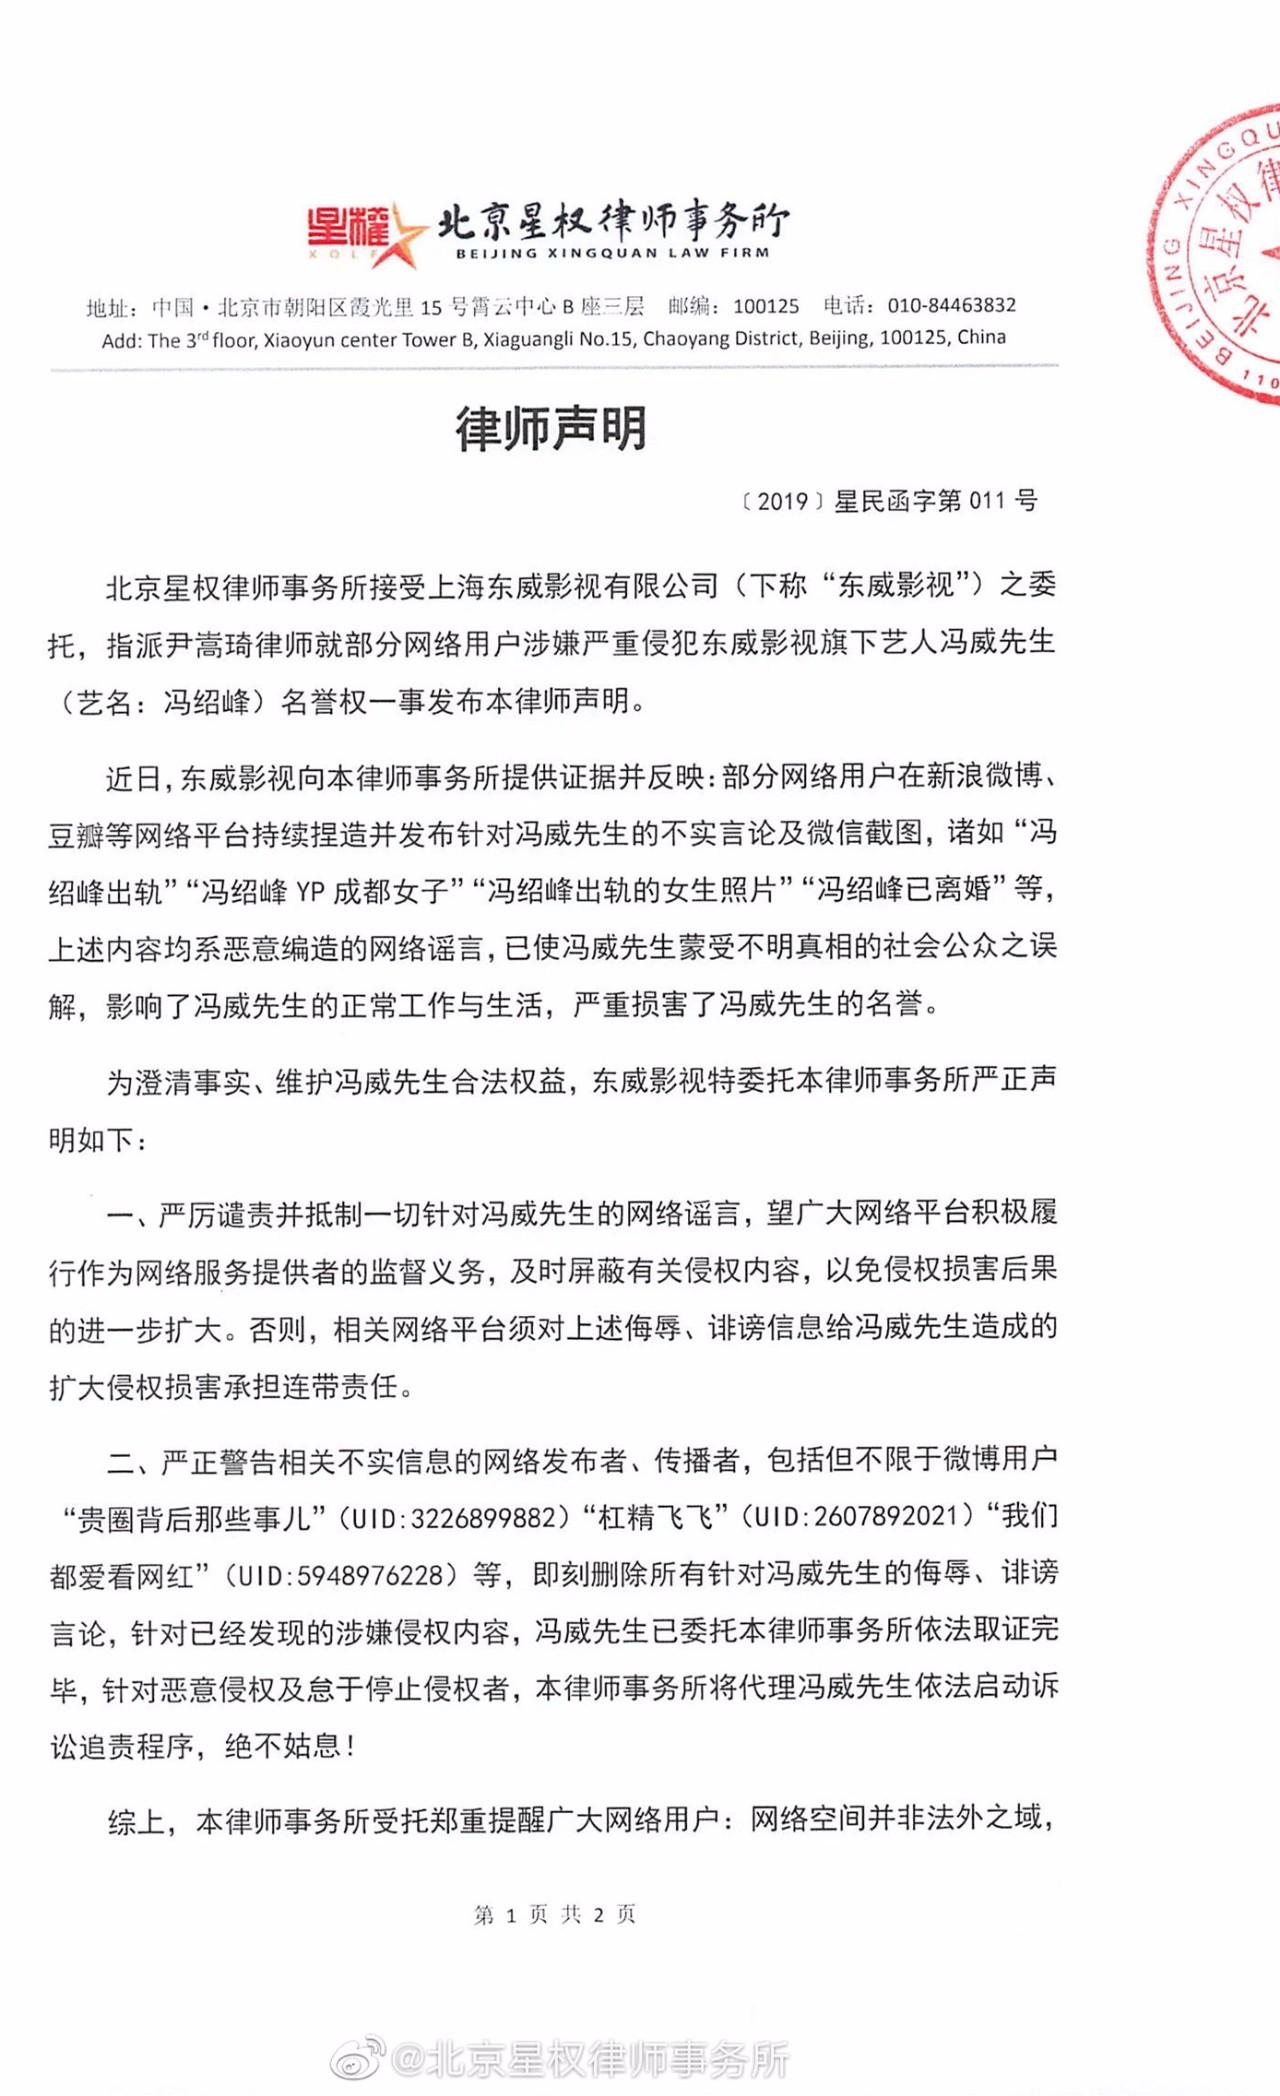 出轨风波被压制?网爆冯绍峰与赵丽颖将补办婚礼,八爷后宫被清?